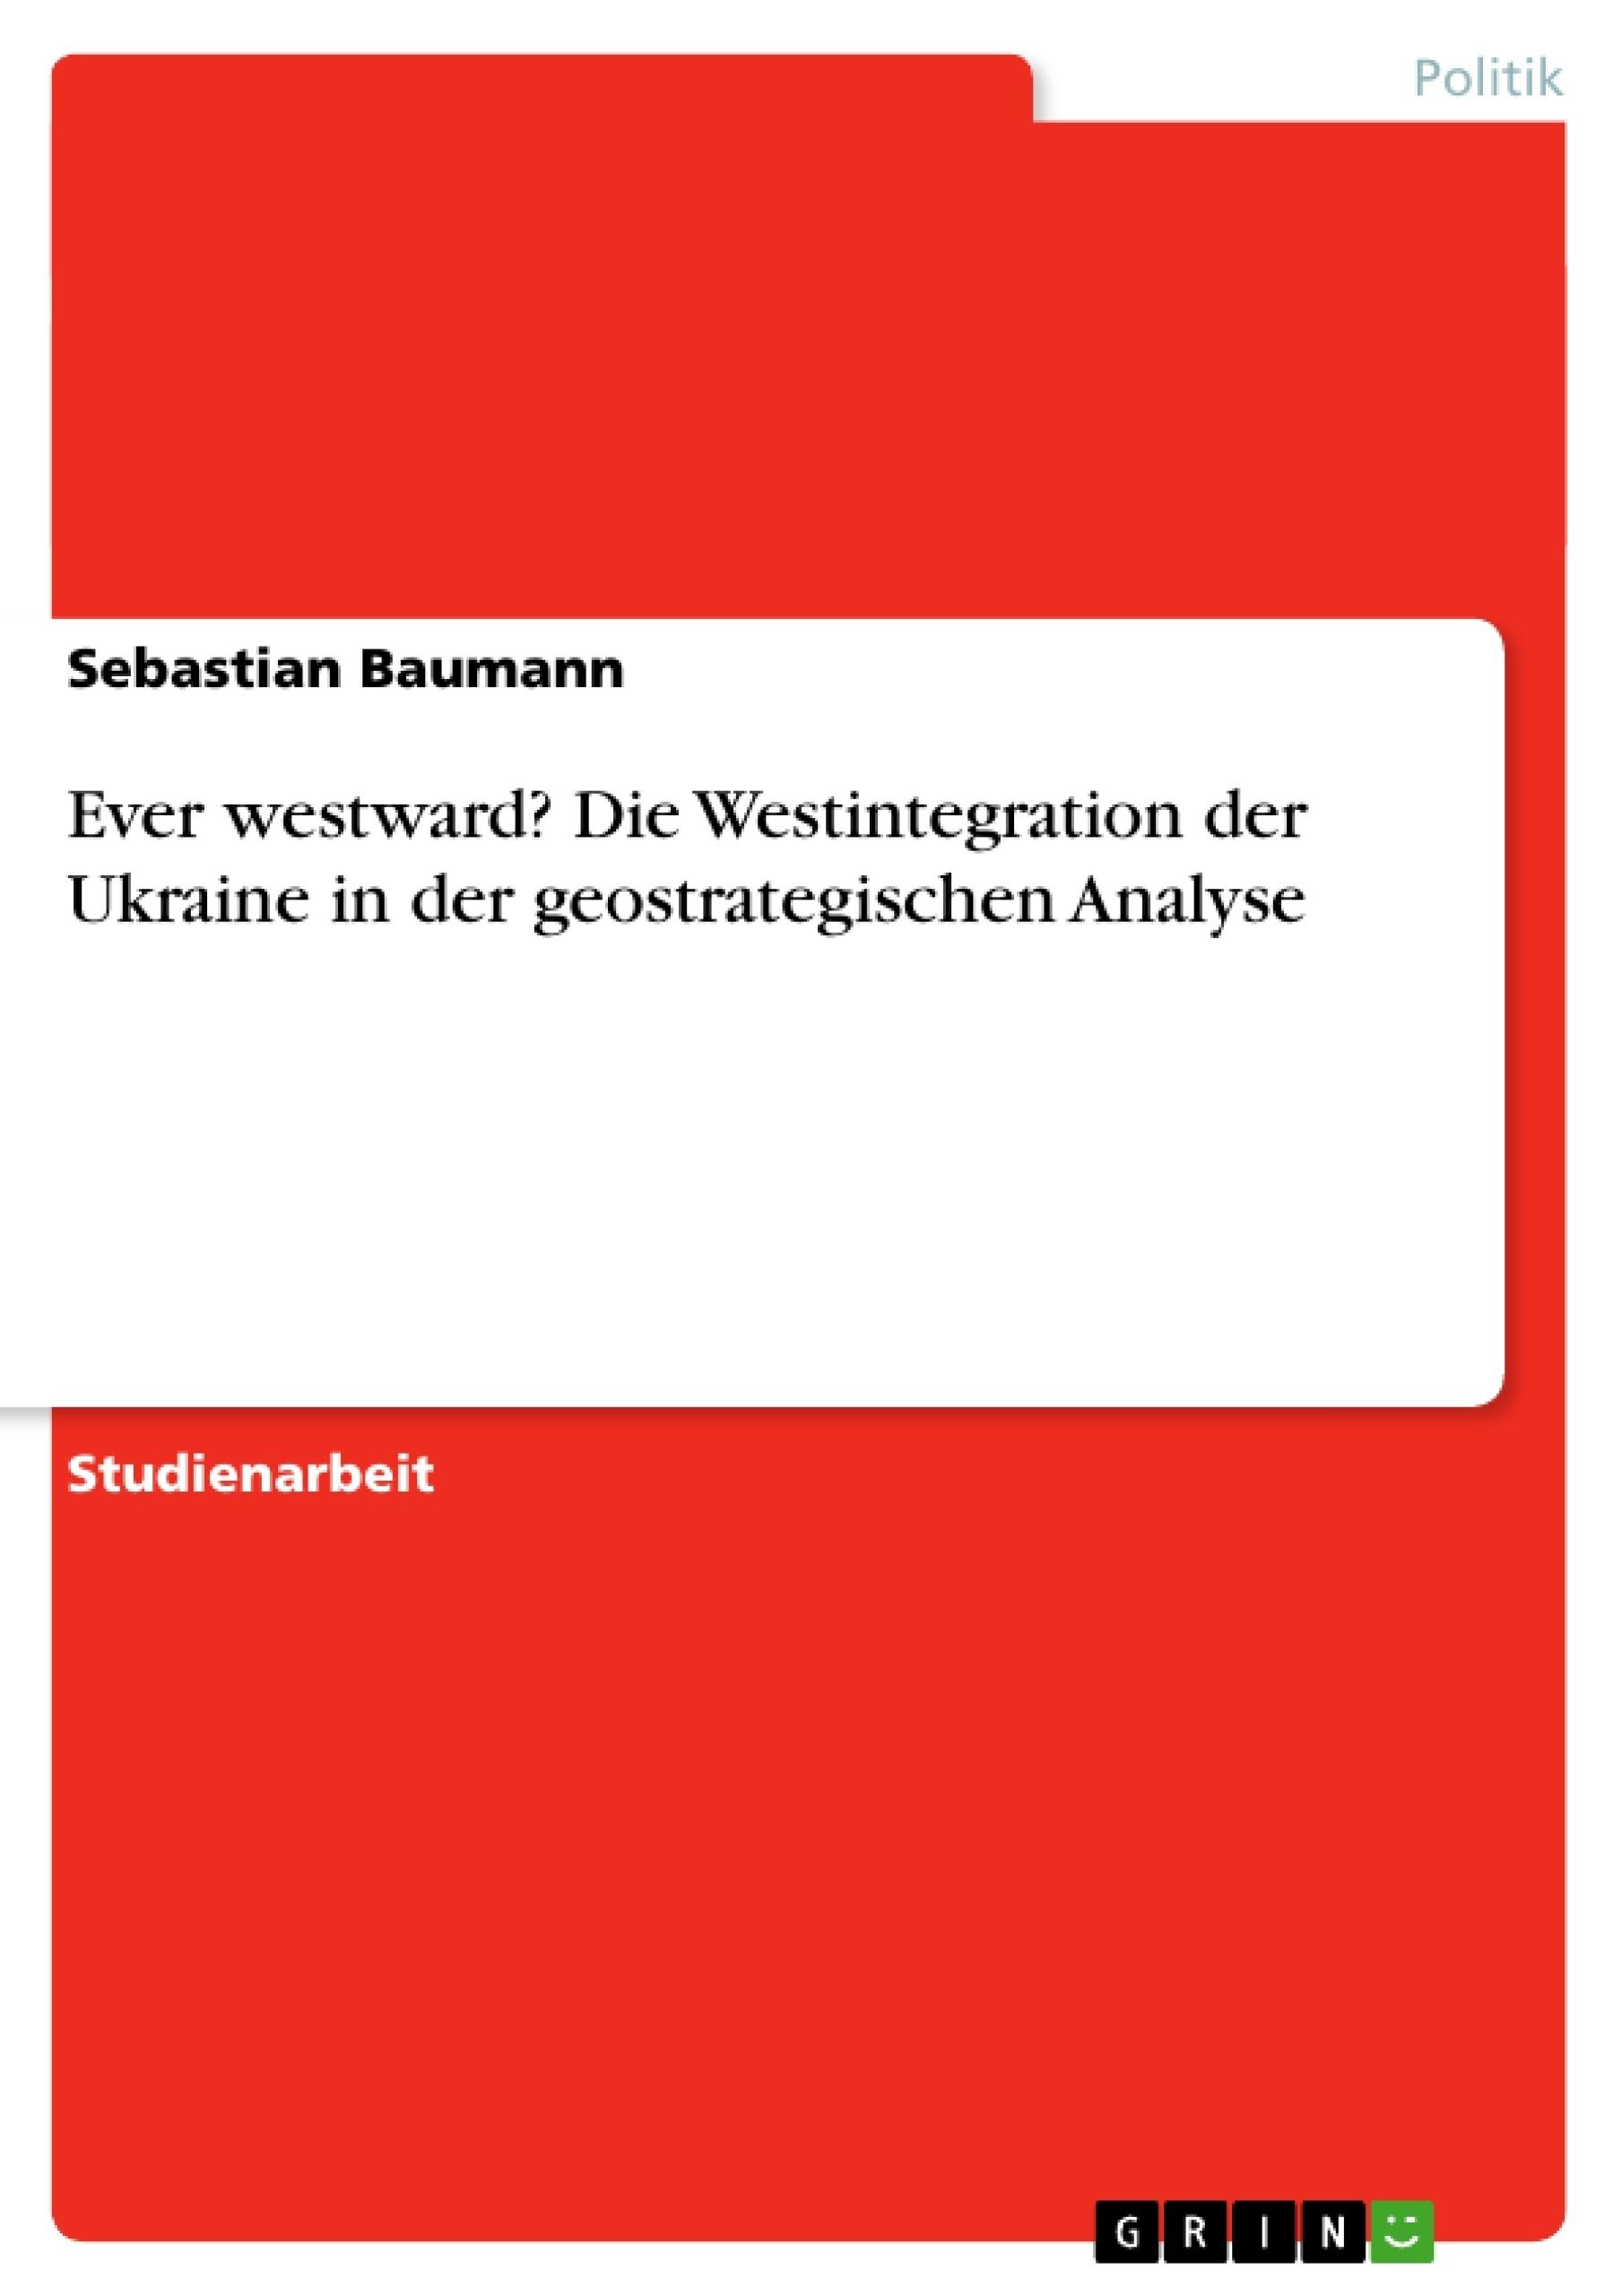 Titel: Ever westward? Die Westintegration der Ukraine in der geostrategischen Analyse